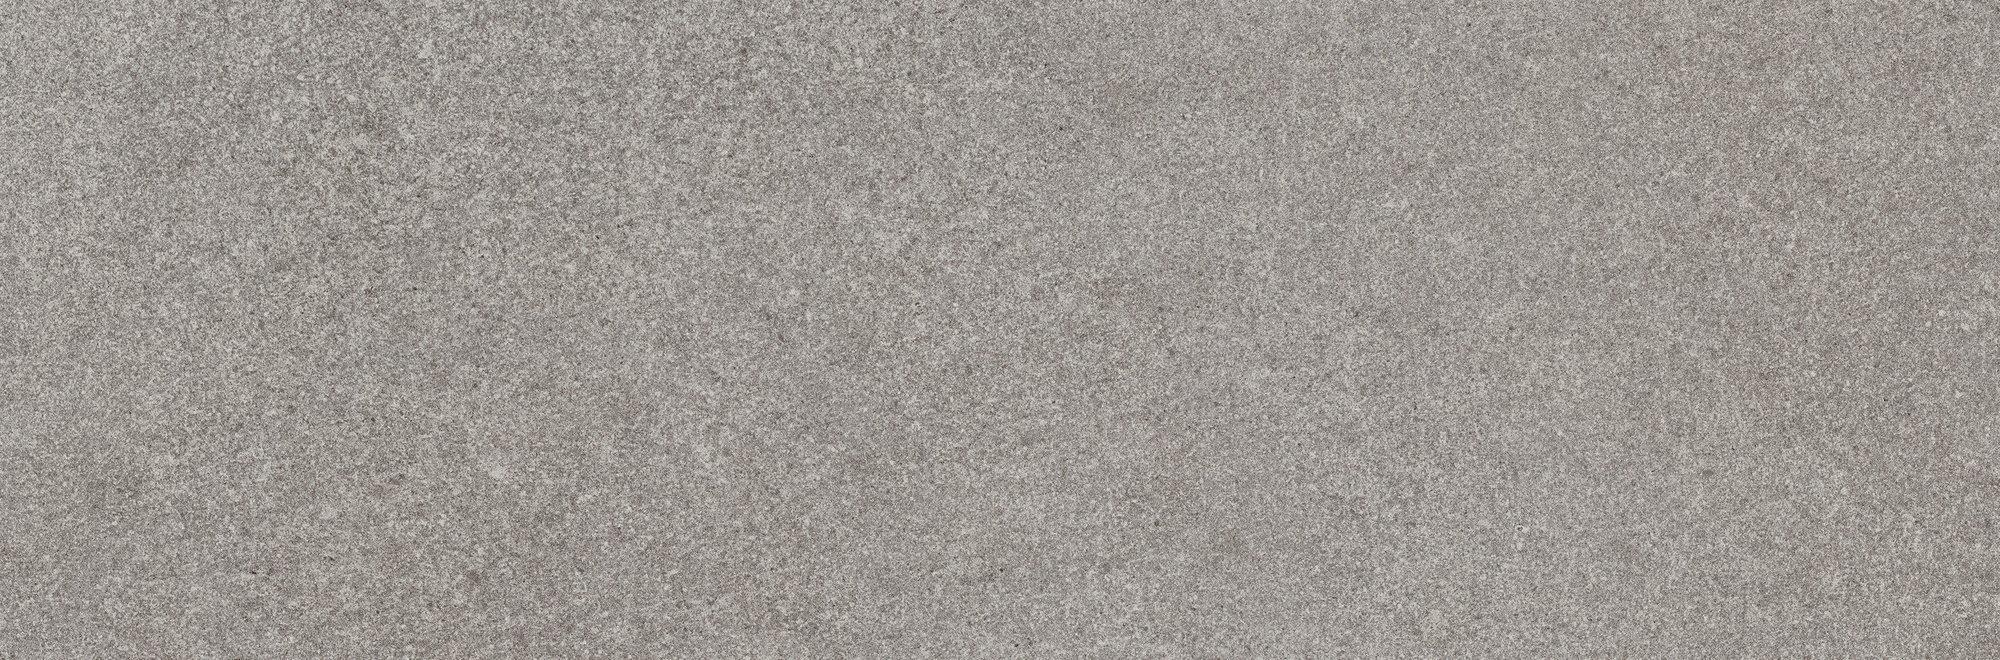 Płytka ścienna AB Polis Grey 33,3x100 cm